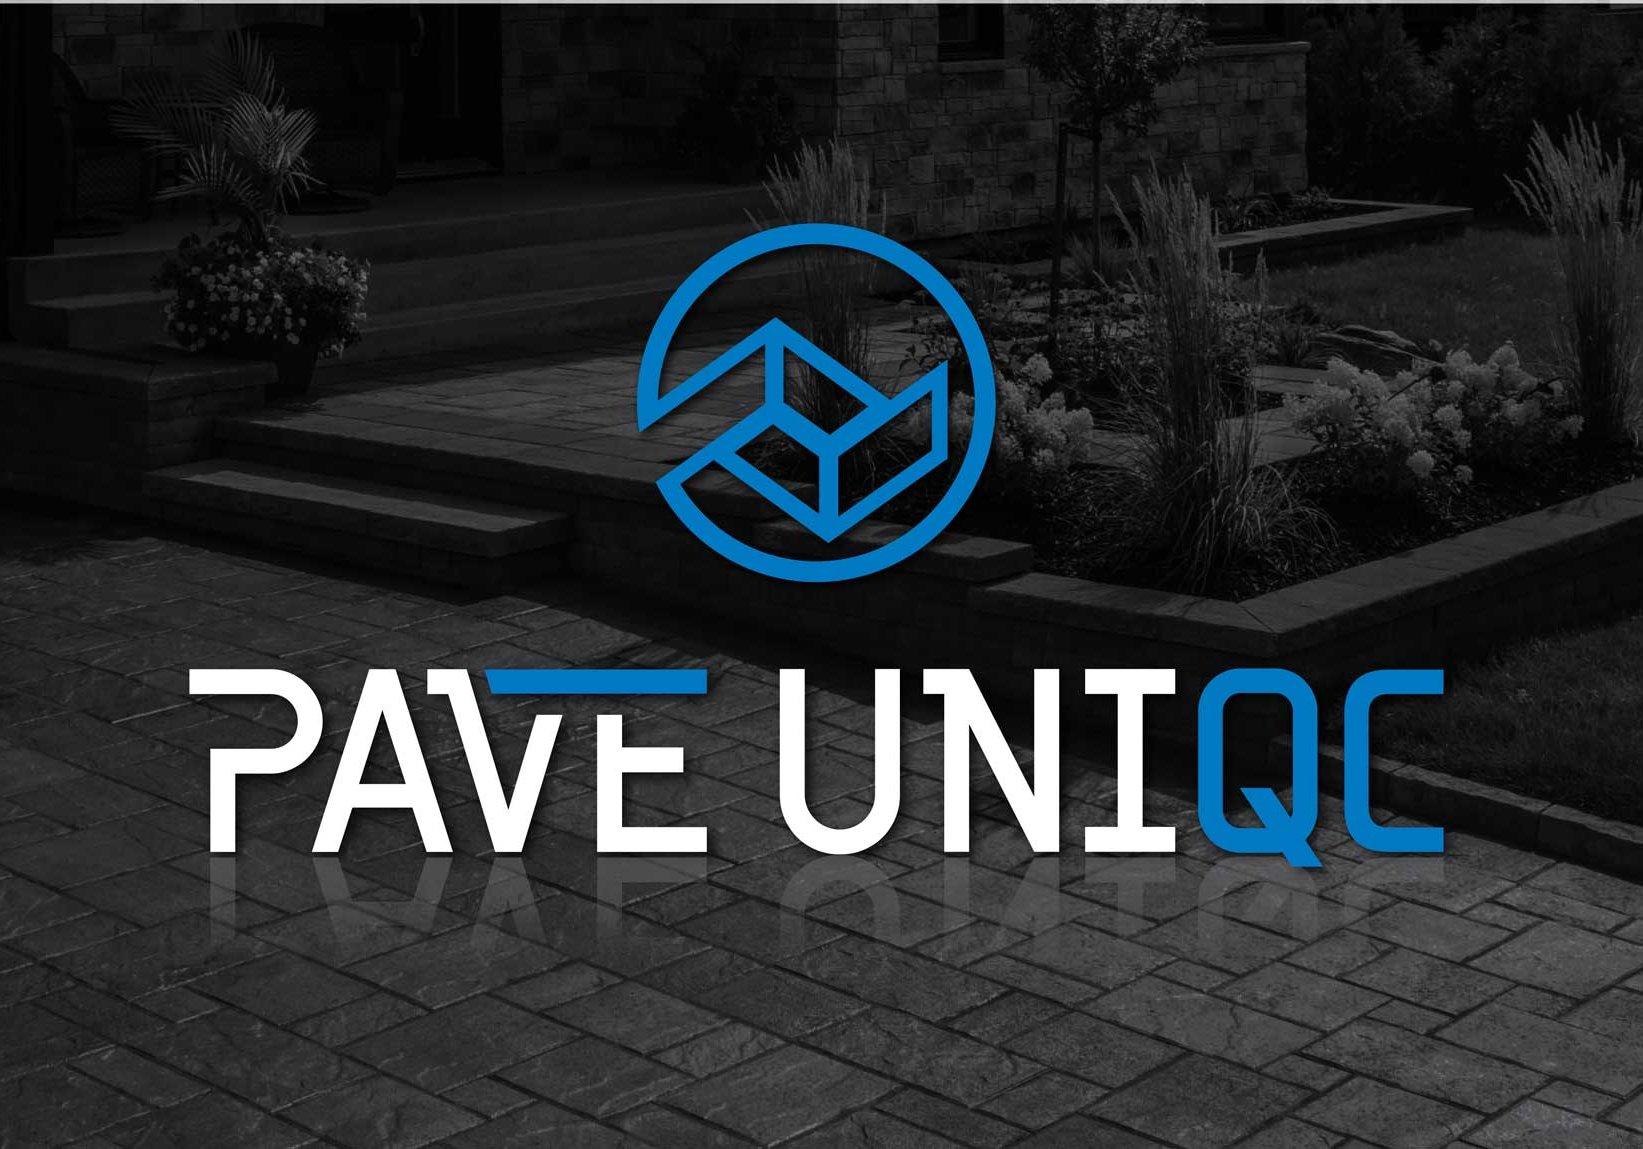 Conception graphique du logo de Pavé Uniqc